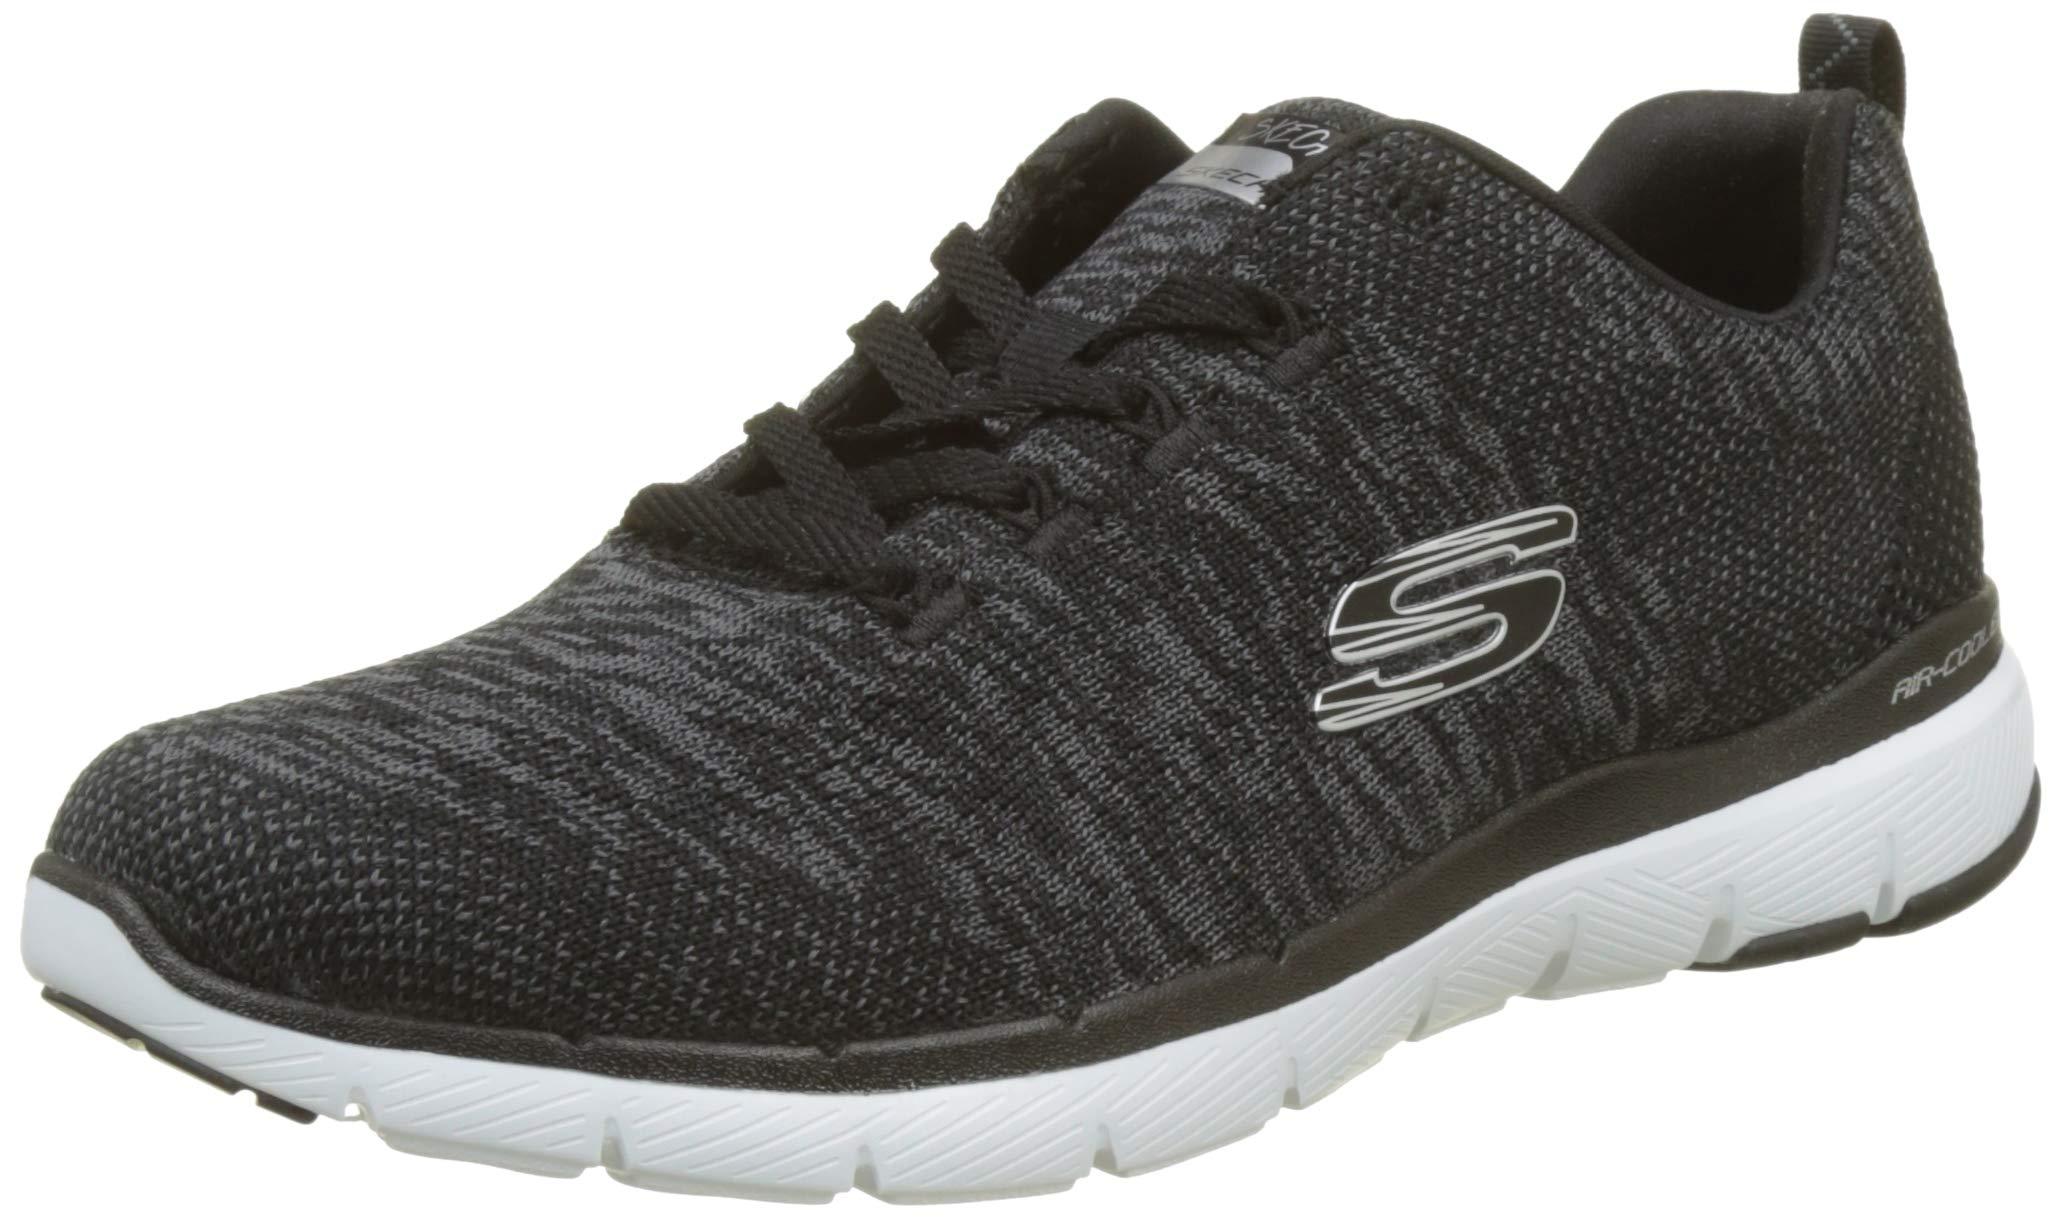 Skechers Women's Flex Appeal 2.0 Sneaker,Black/White,8.5 M US